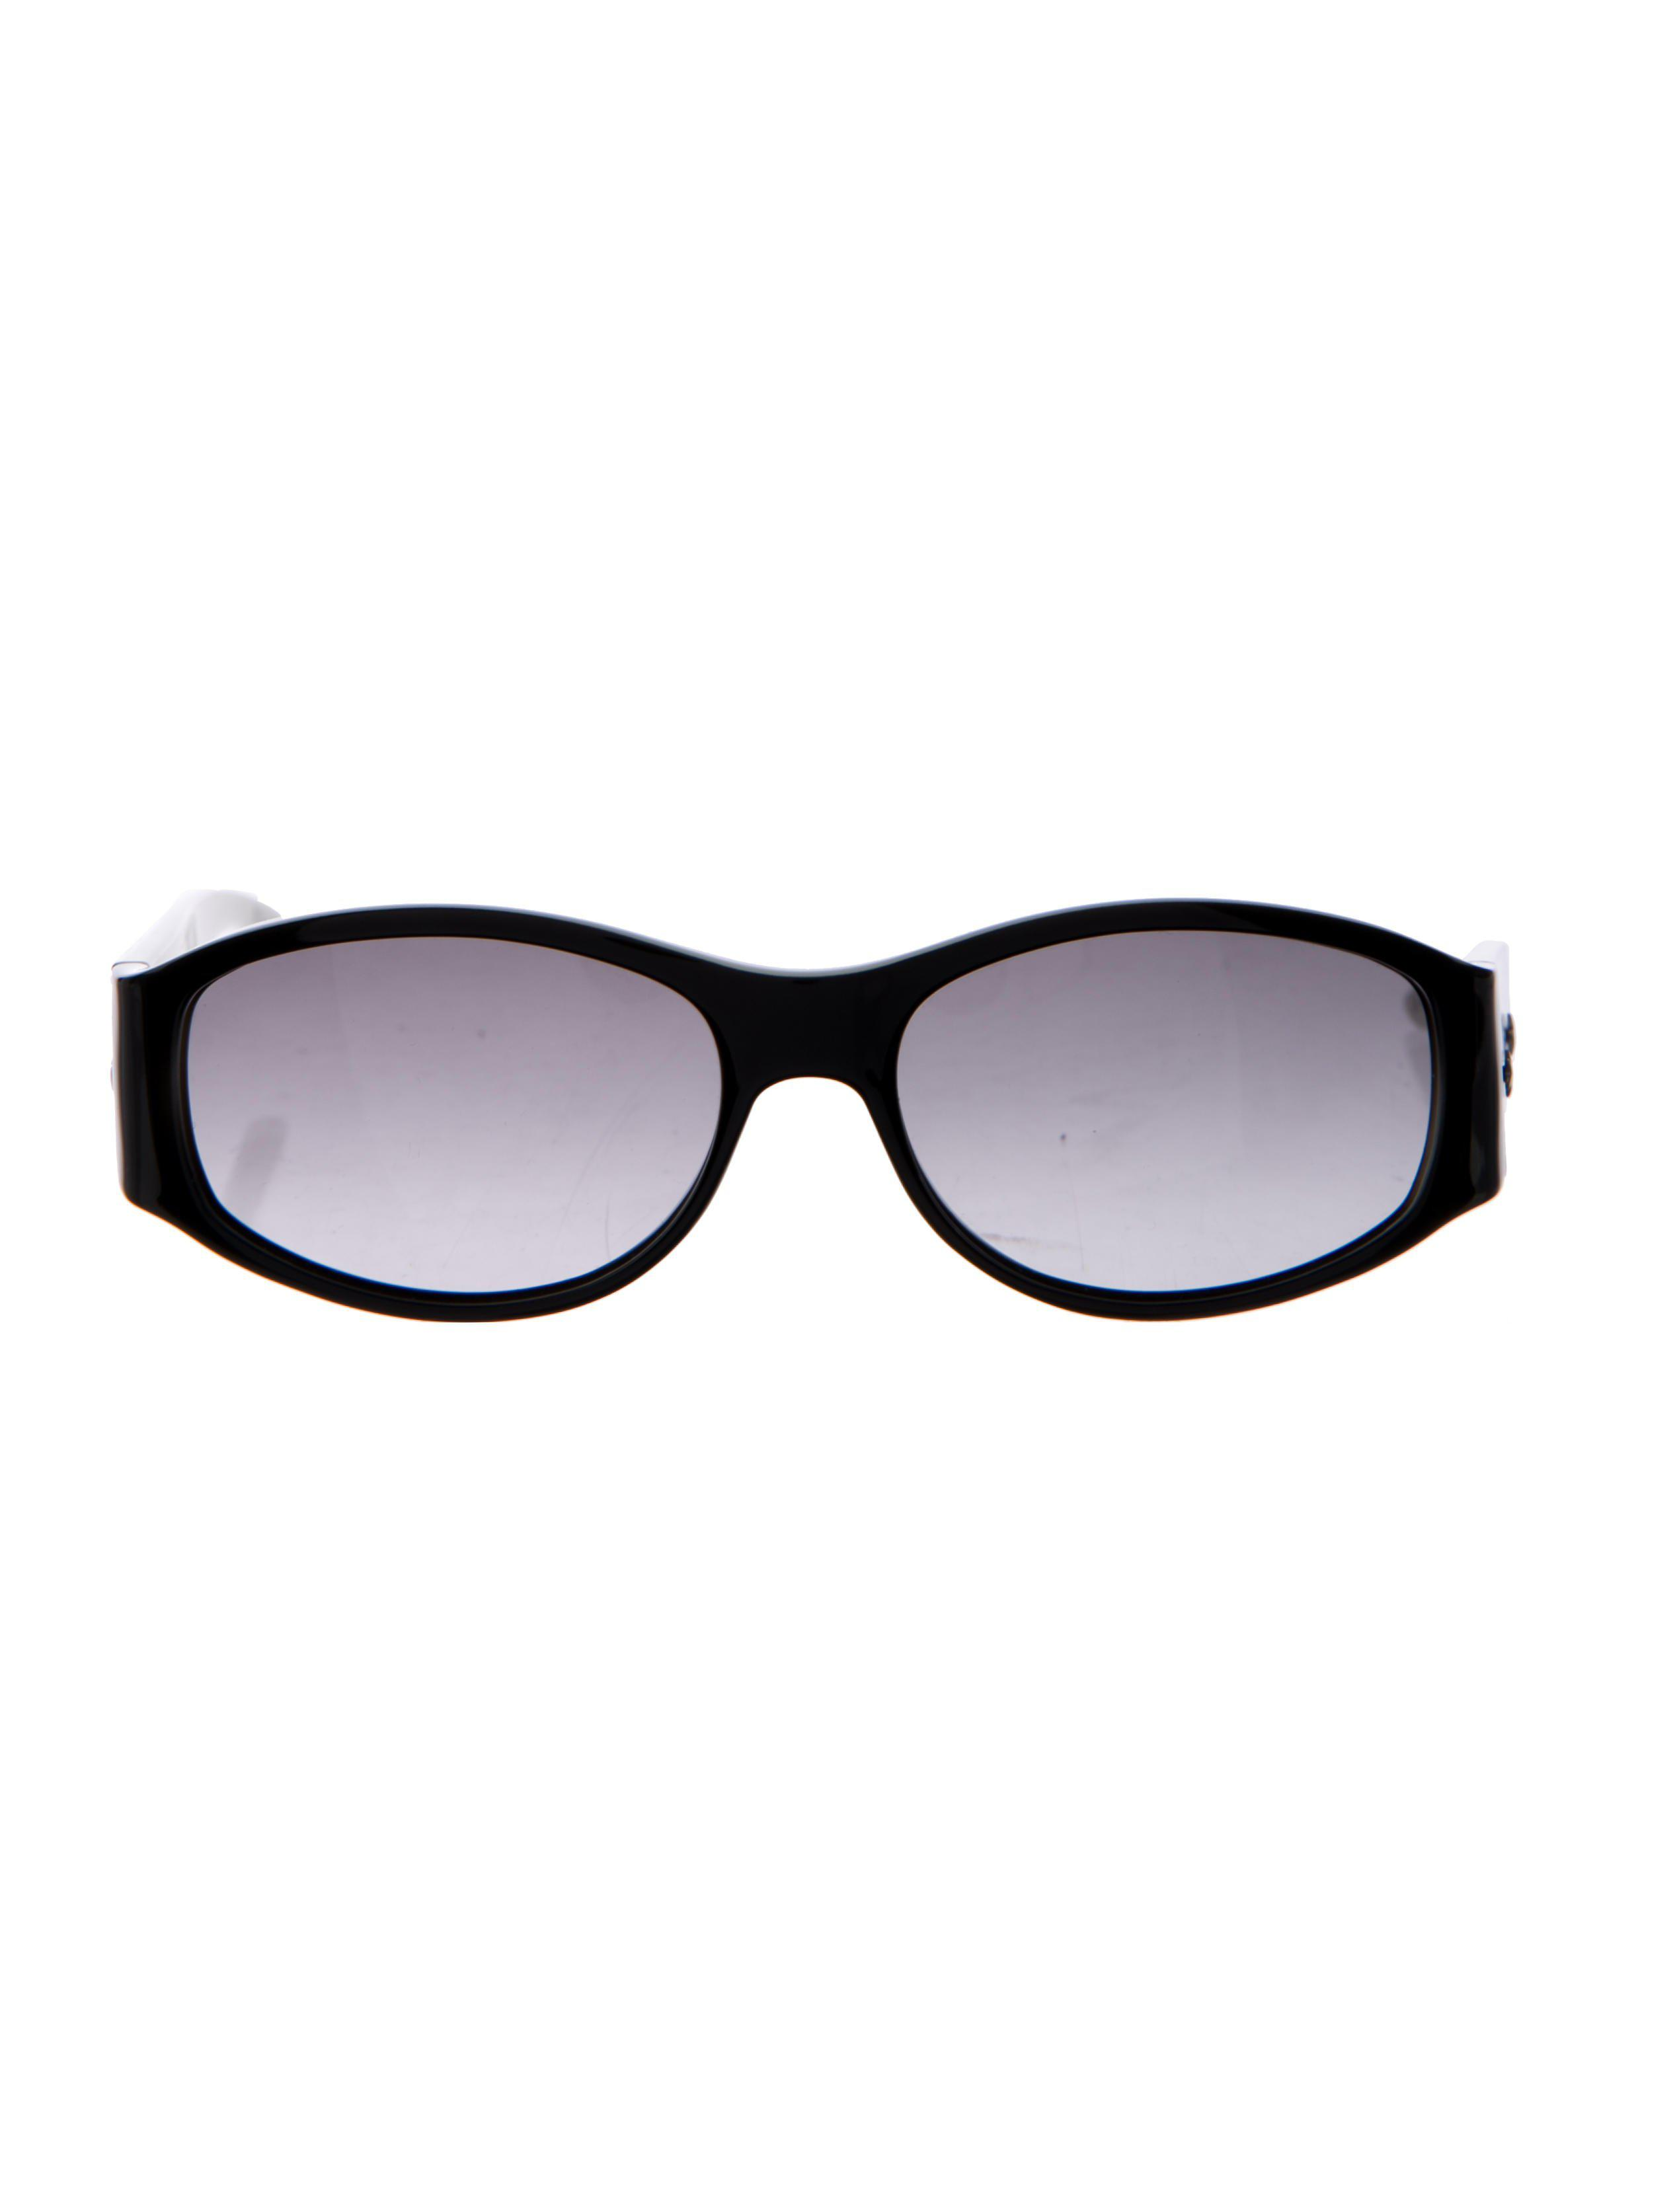 2729ae9e1e1a Lyst - Dior My 3 Sunglasses in Black